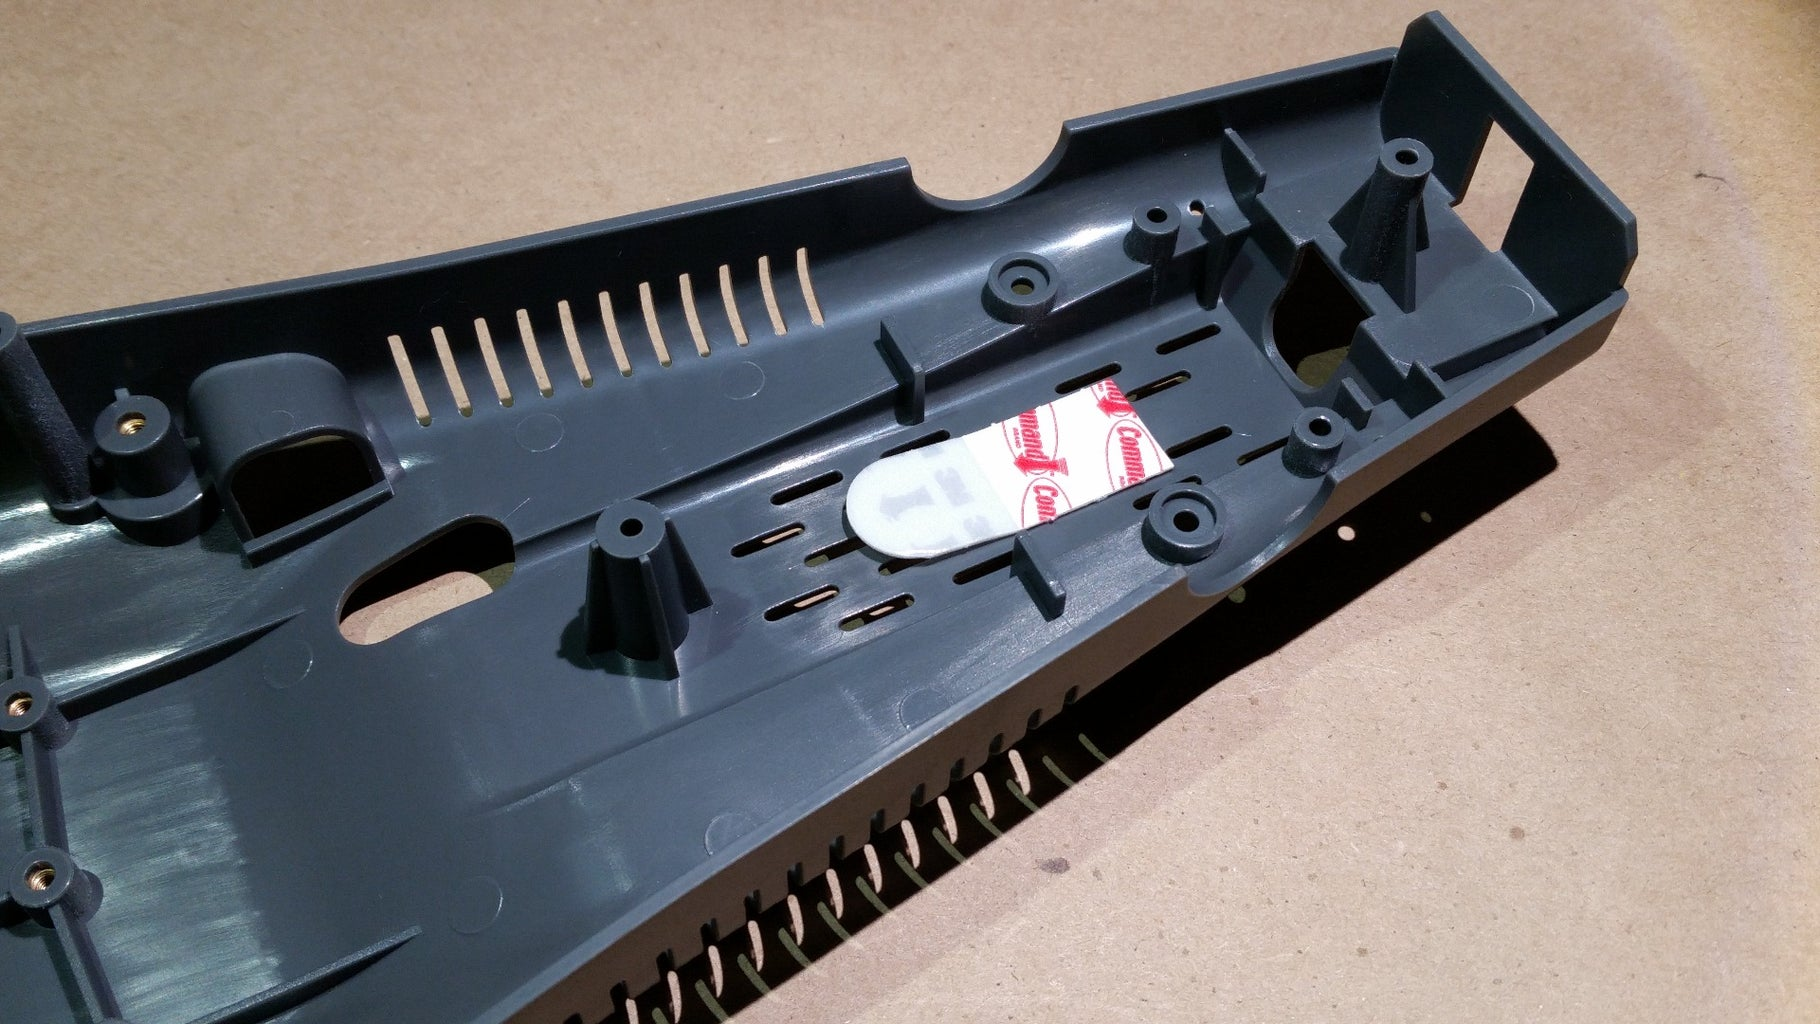 Install the FPV Transmitter